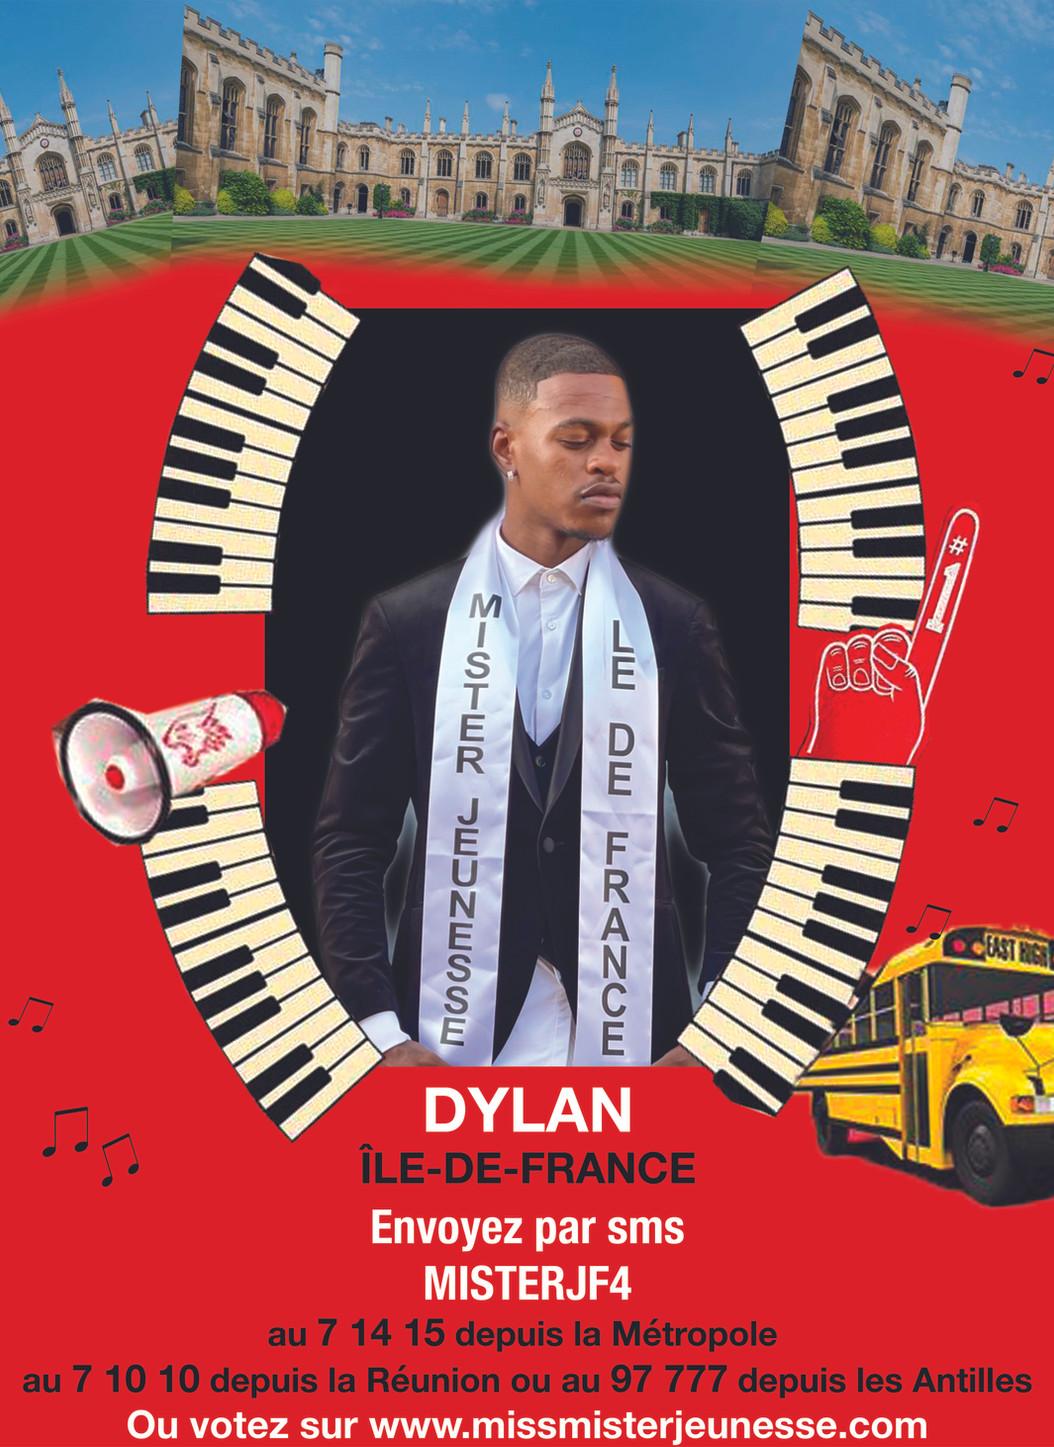 4 FICHE DYLAN C.jpg